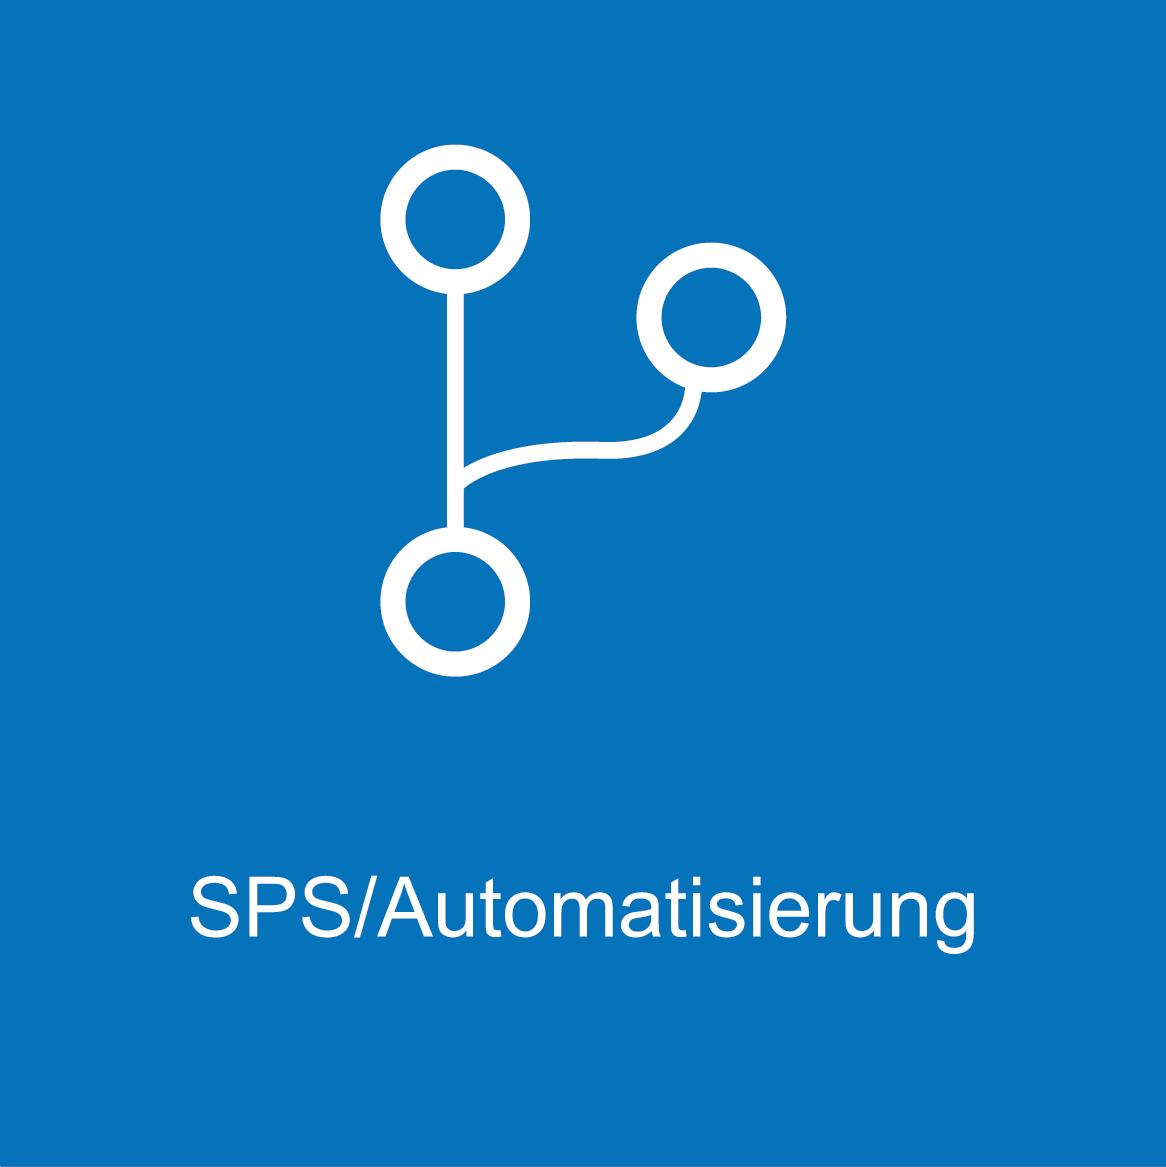 Weiterbildung - SPA/Automatisierung